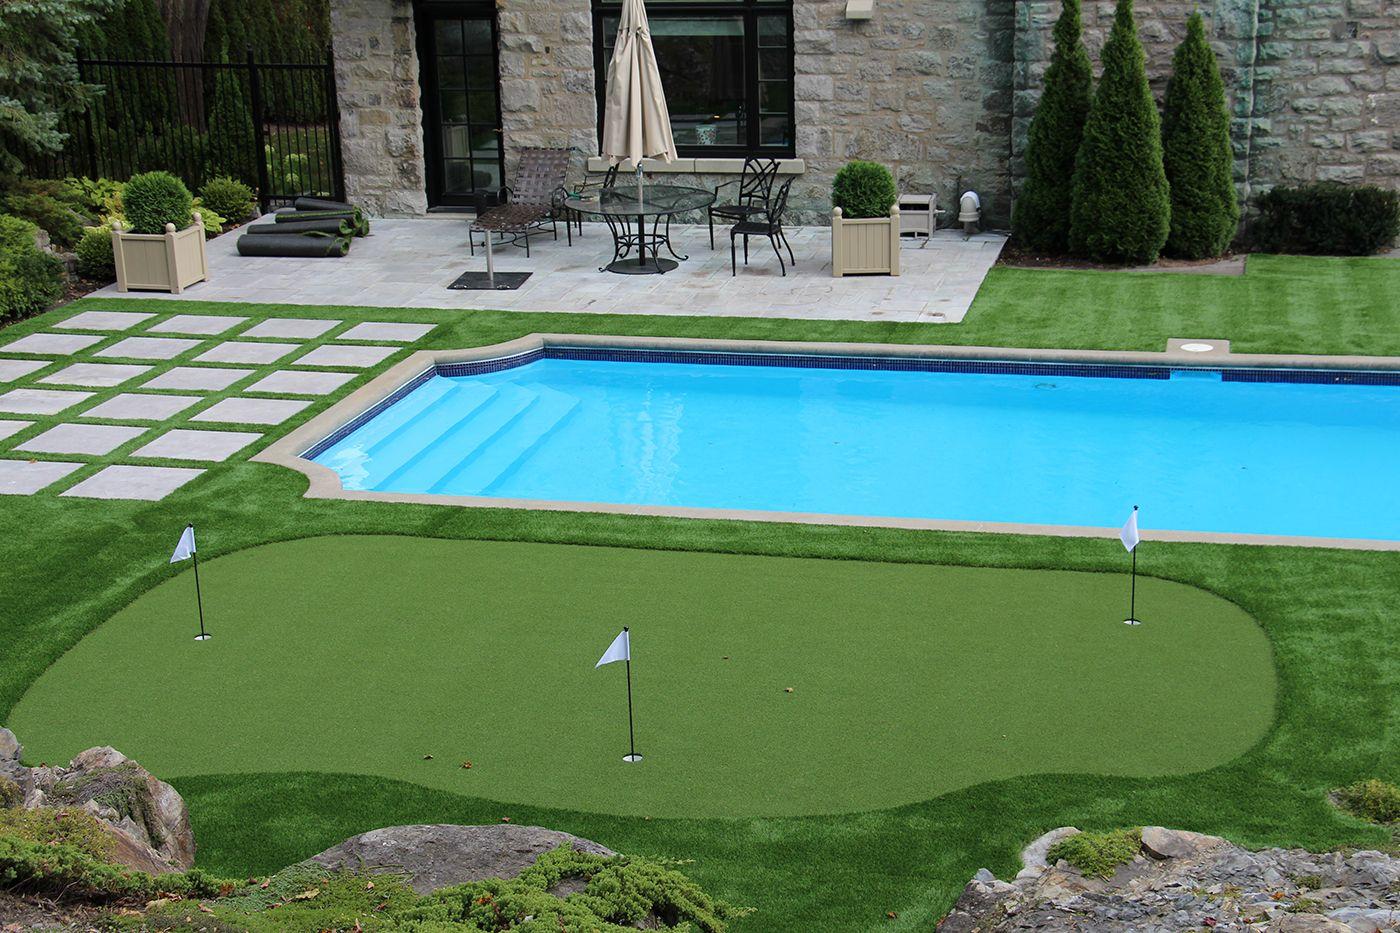 Gazon artificiel autour d 39 une piscine creus e cours for Gazon artificiel piscine